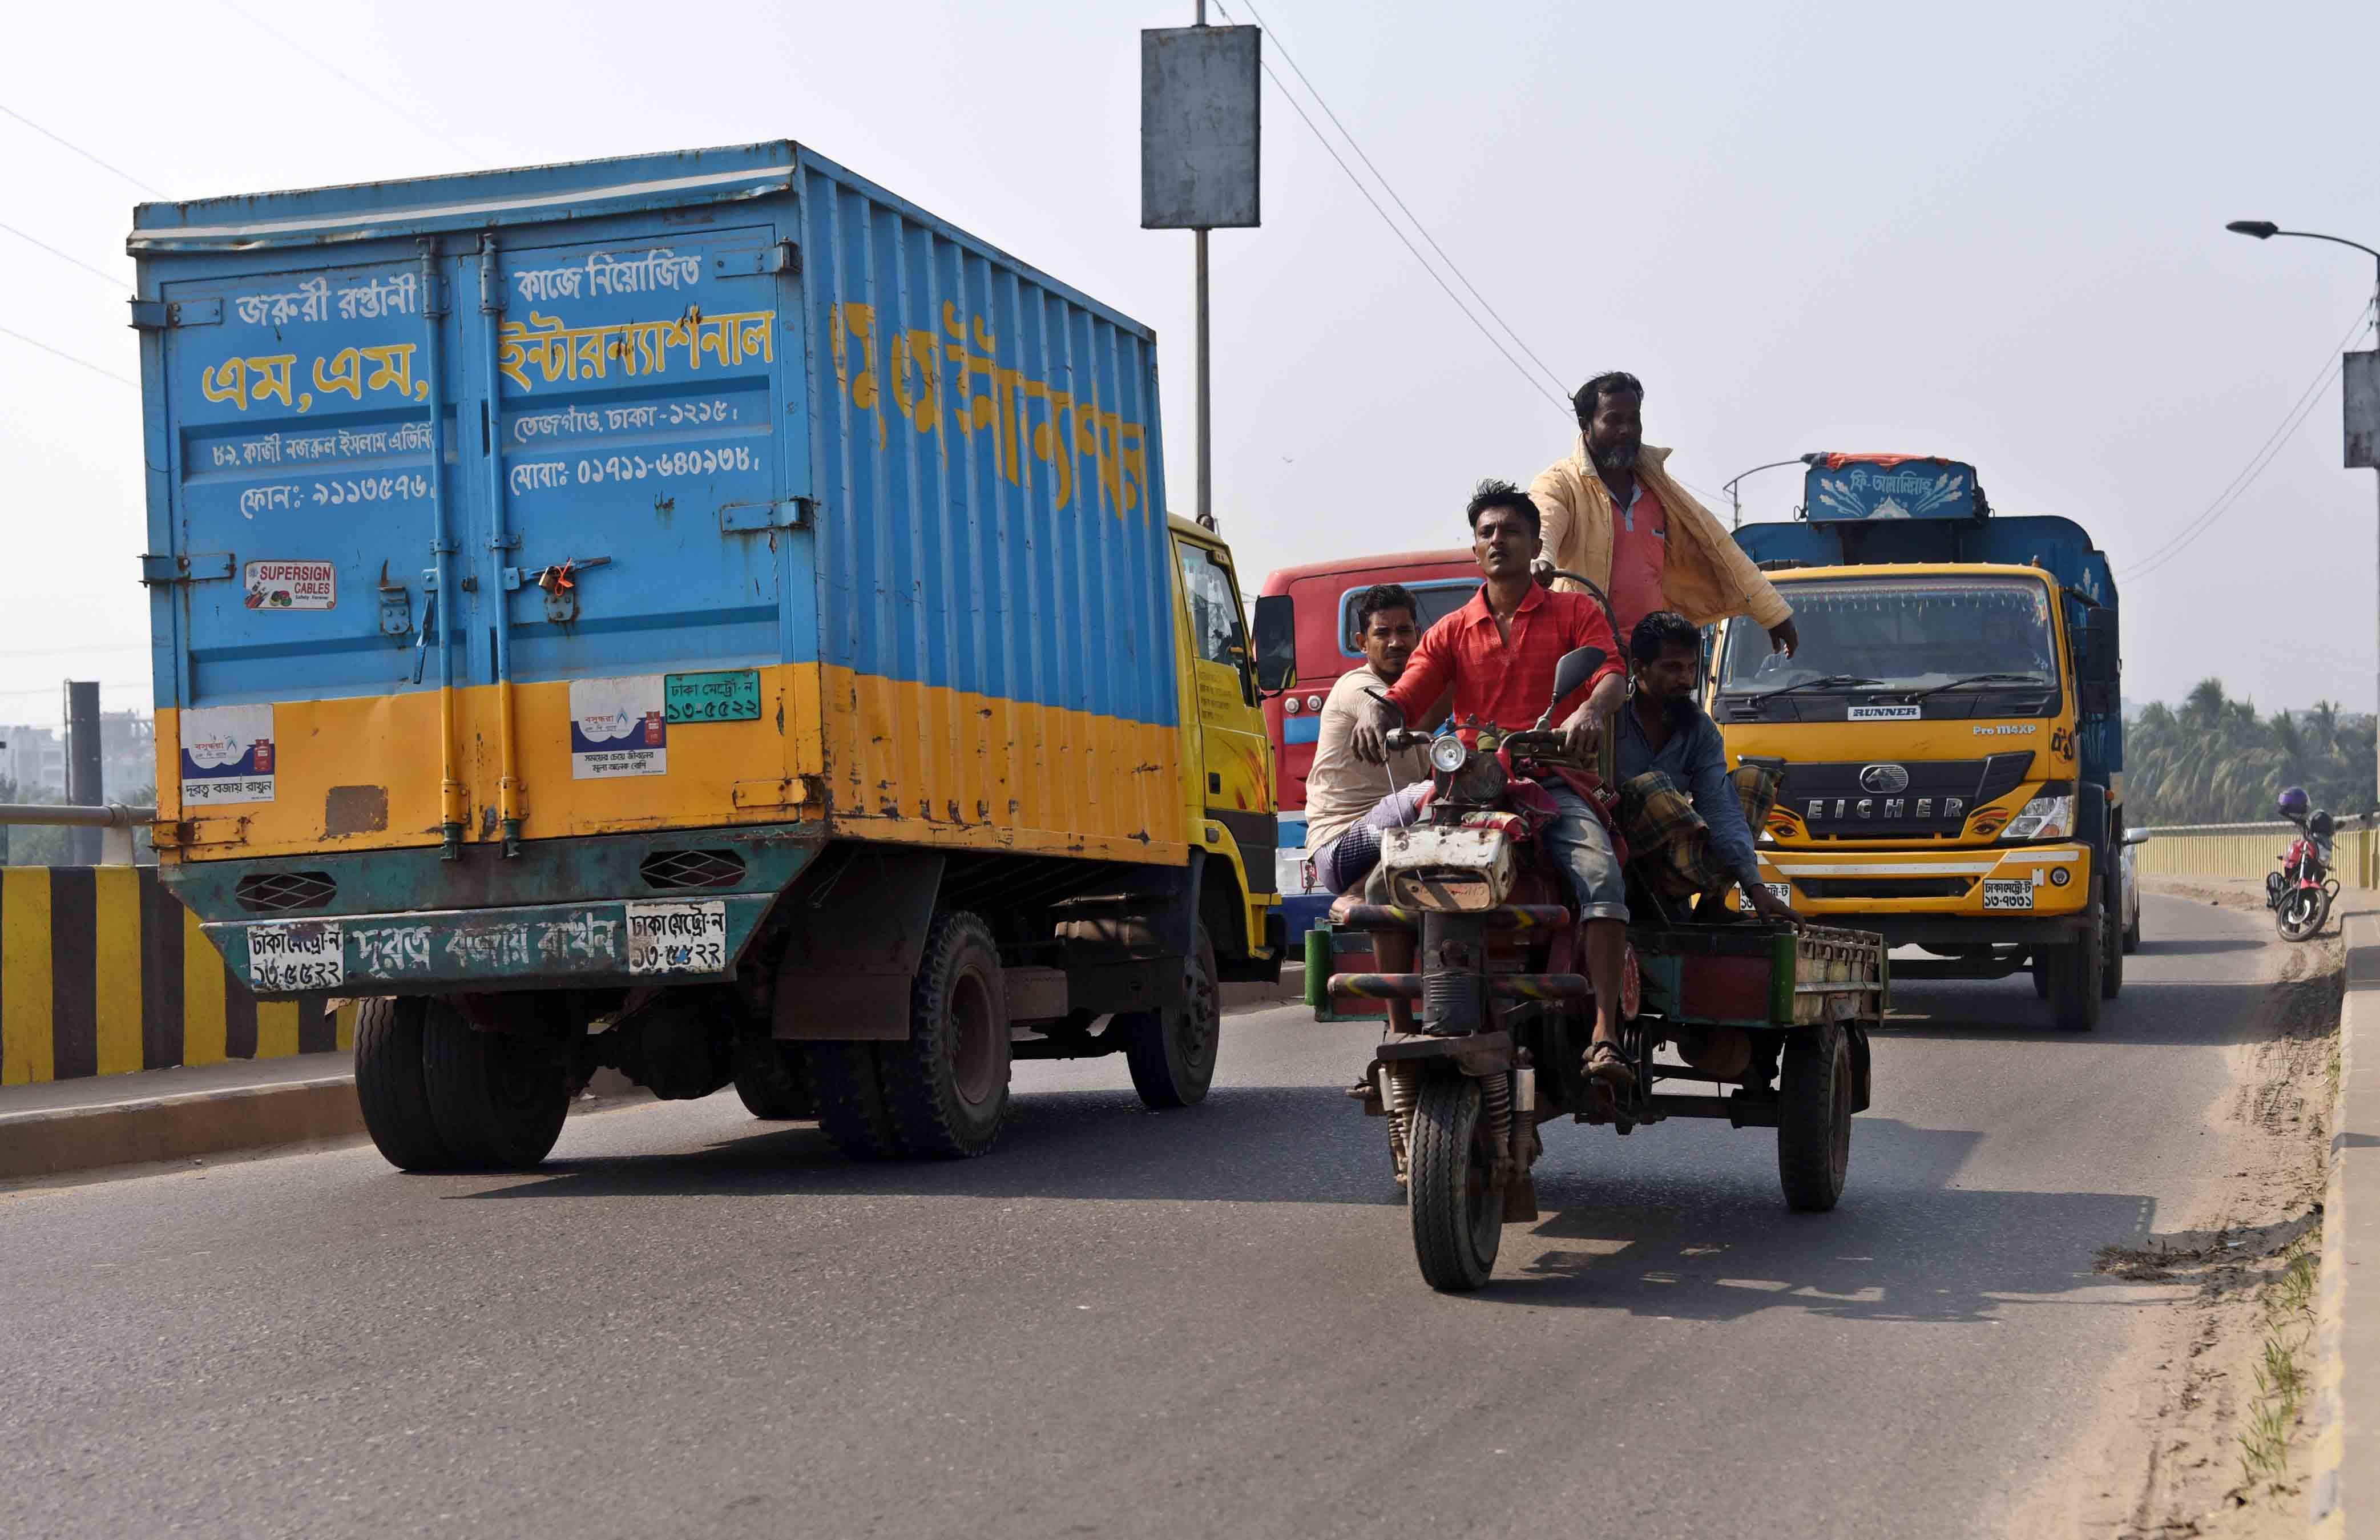 ঝুকিঁপূন বাহন নসিমন।রাজধানীতে নিষিদ্ব থাকলে ও মানছে না চালকরা।মহাসড়কে চলছে দেখা যাচ্ছে।ছবিটি গতকাল বাবু বাজার এলাকা থেকে তোলা---- সাইফুল ইসলাম